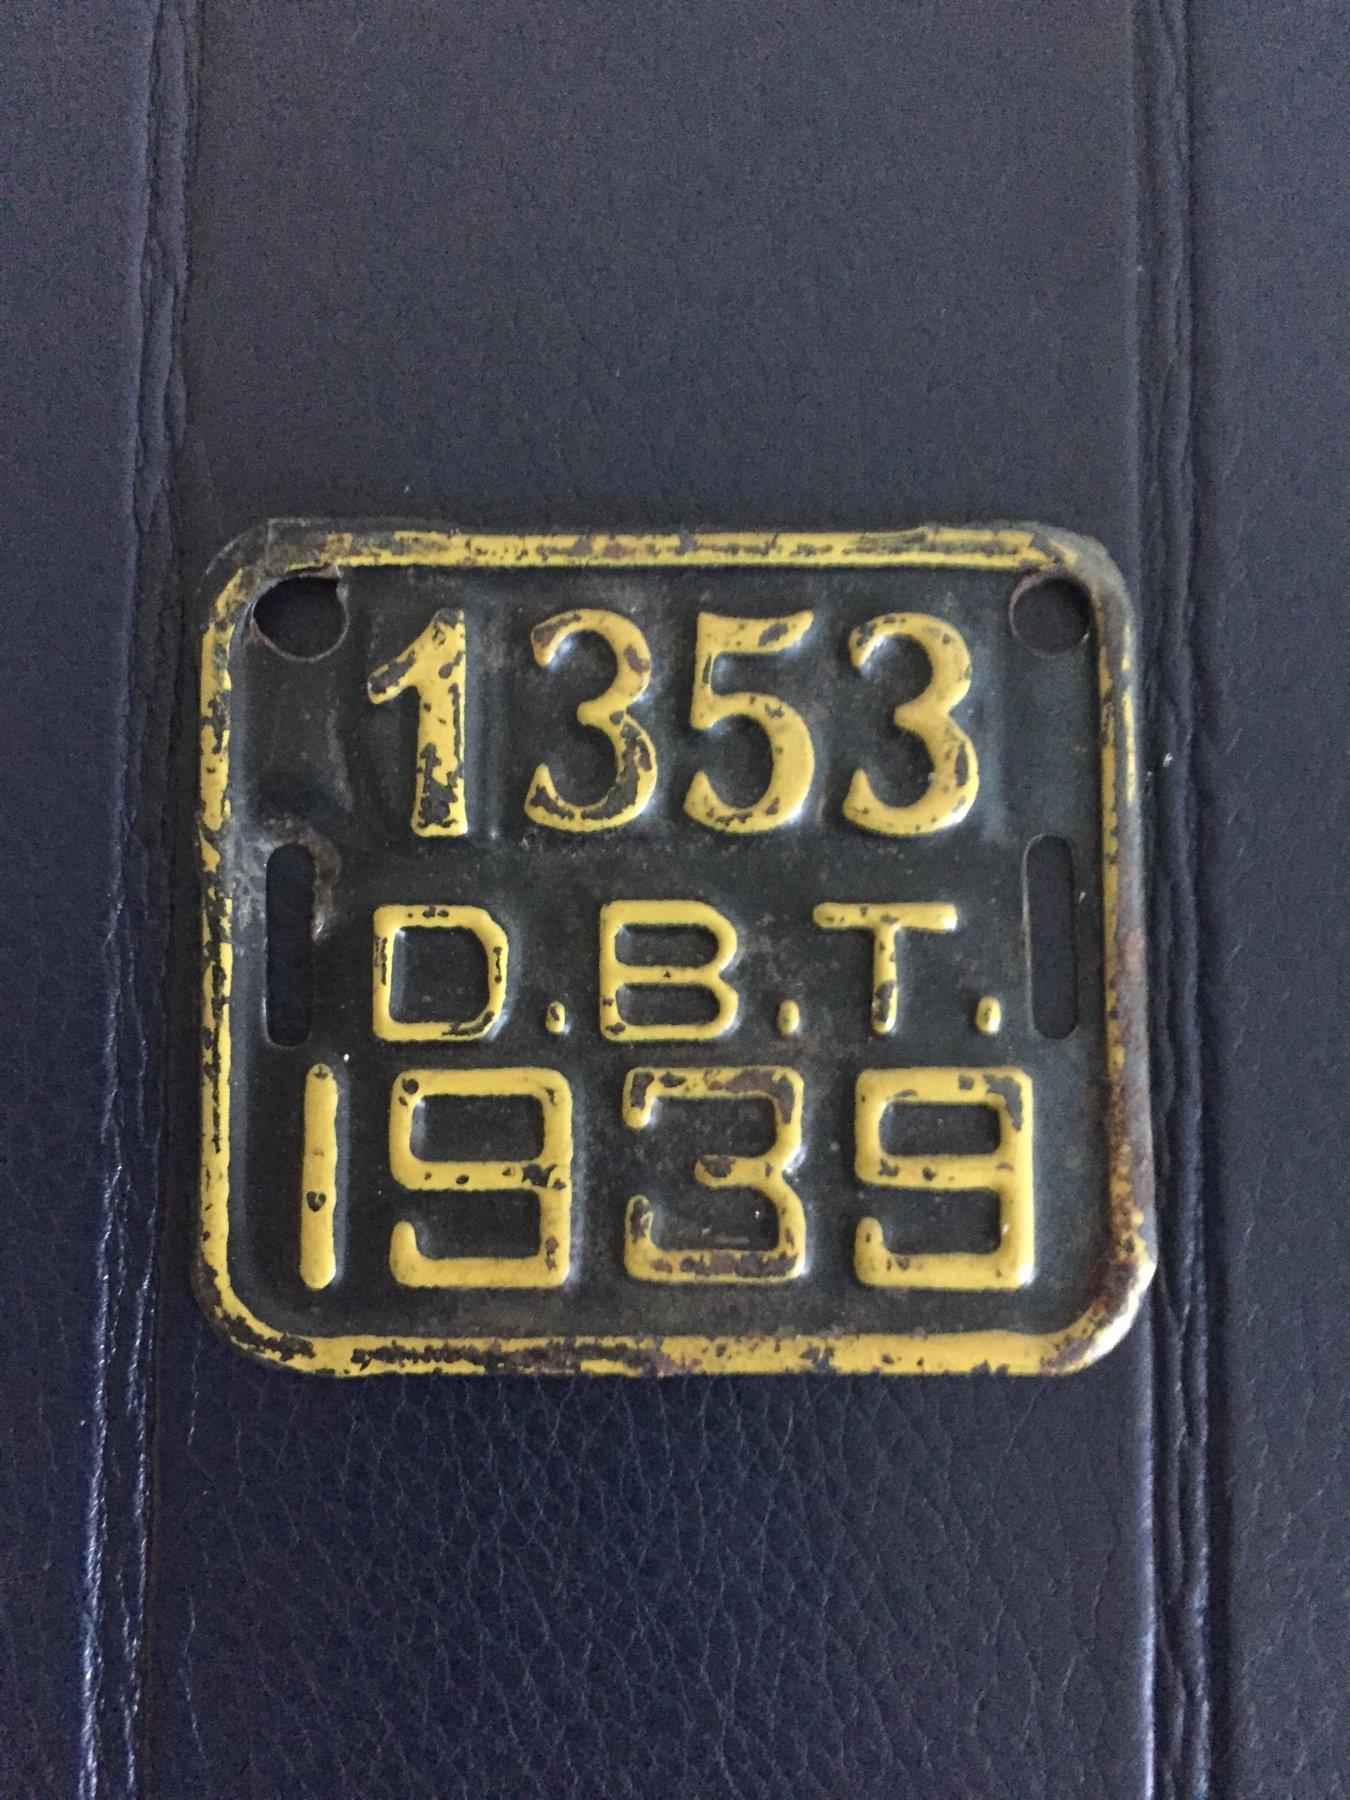 CB50755A-DA67-452B-8BA2-81130A14EB62.jpeg